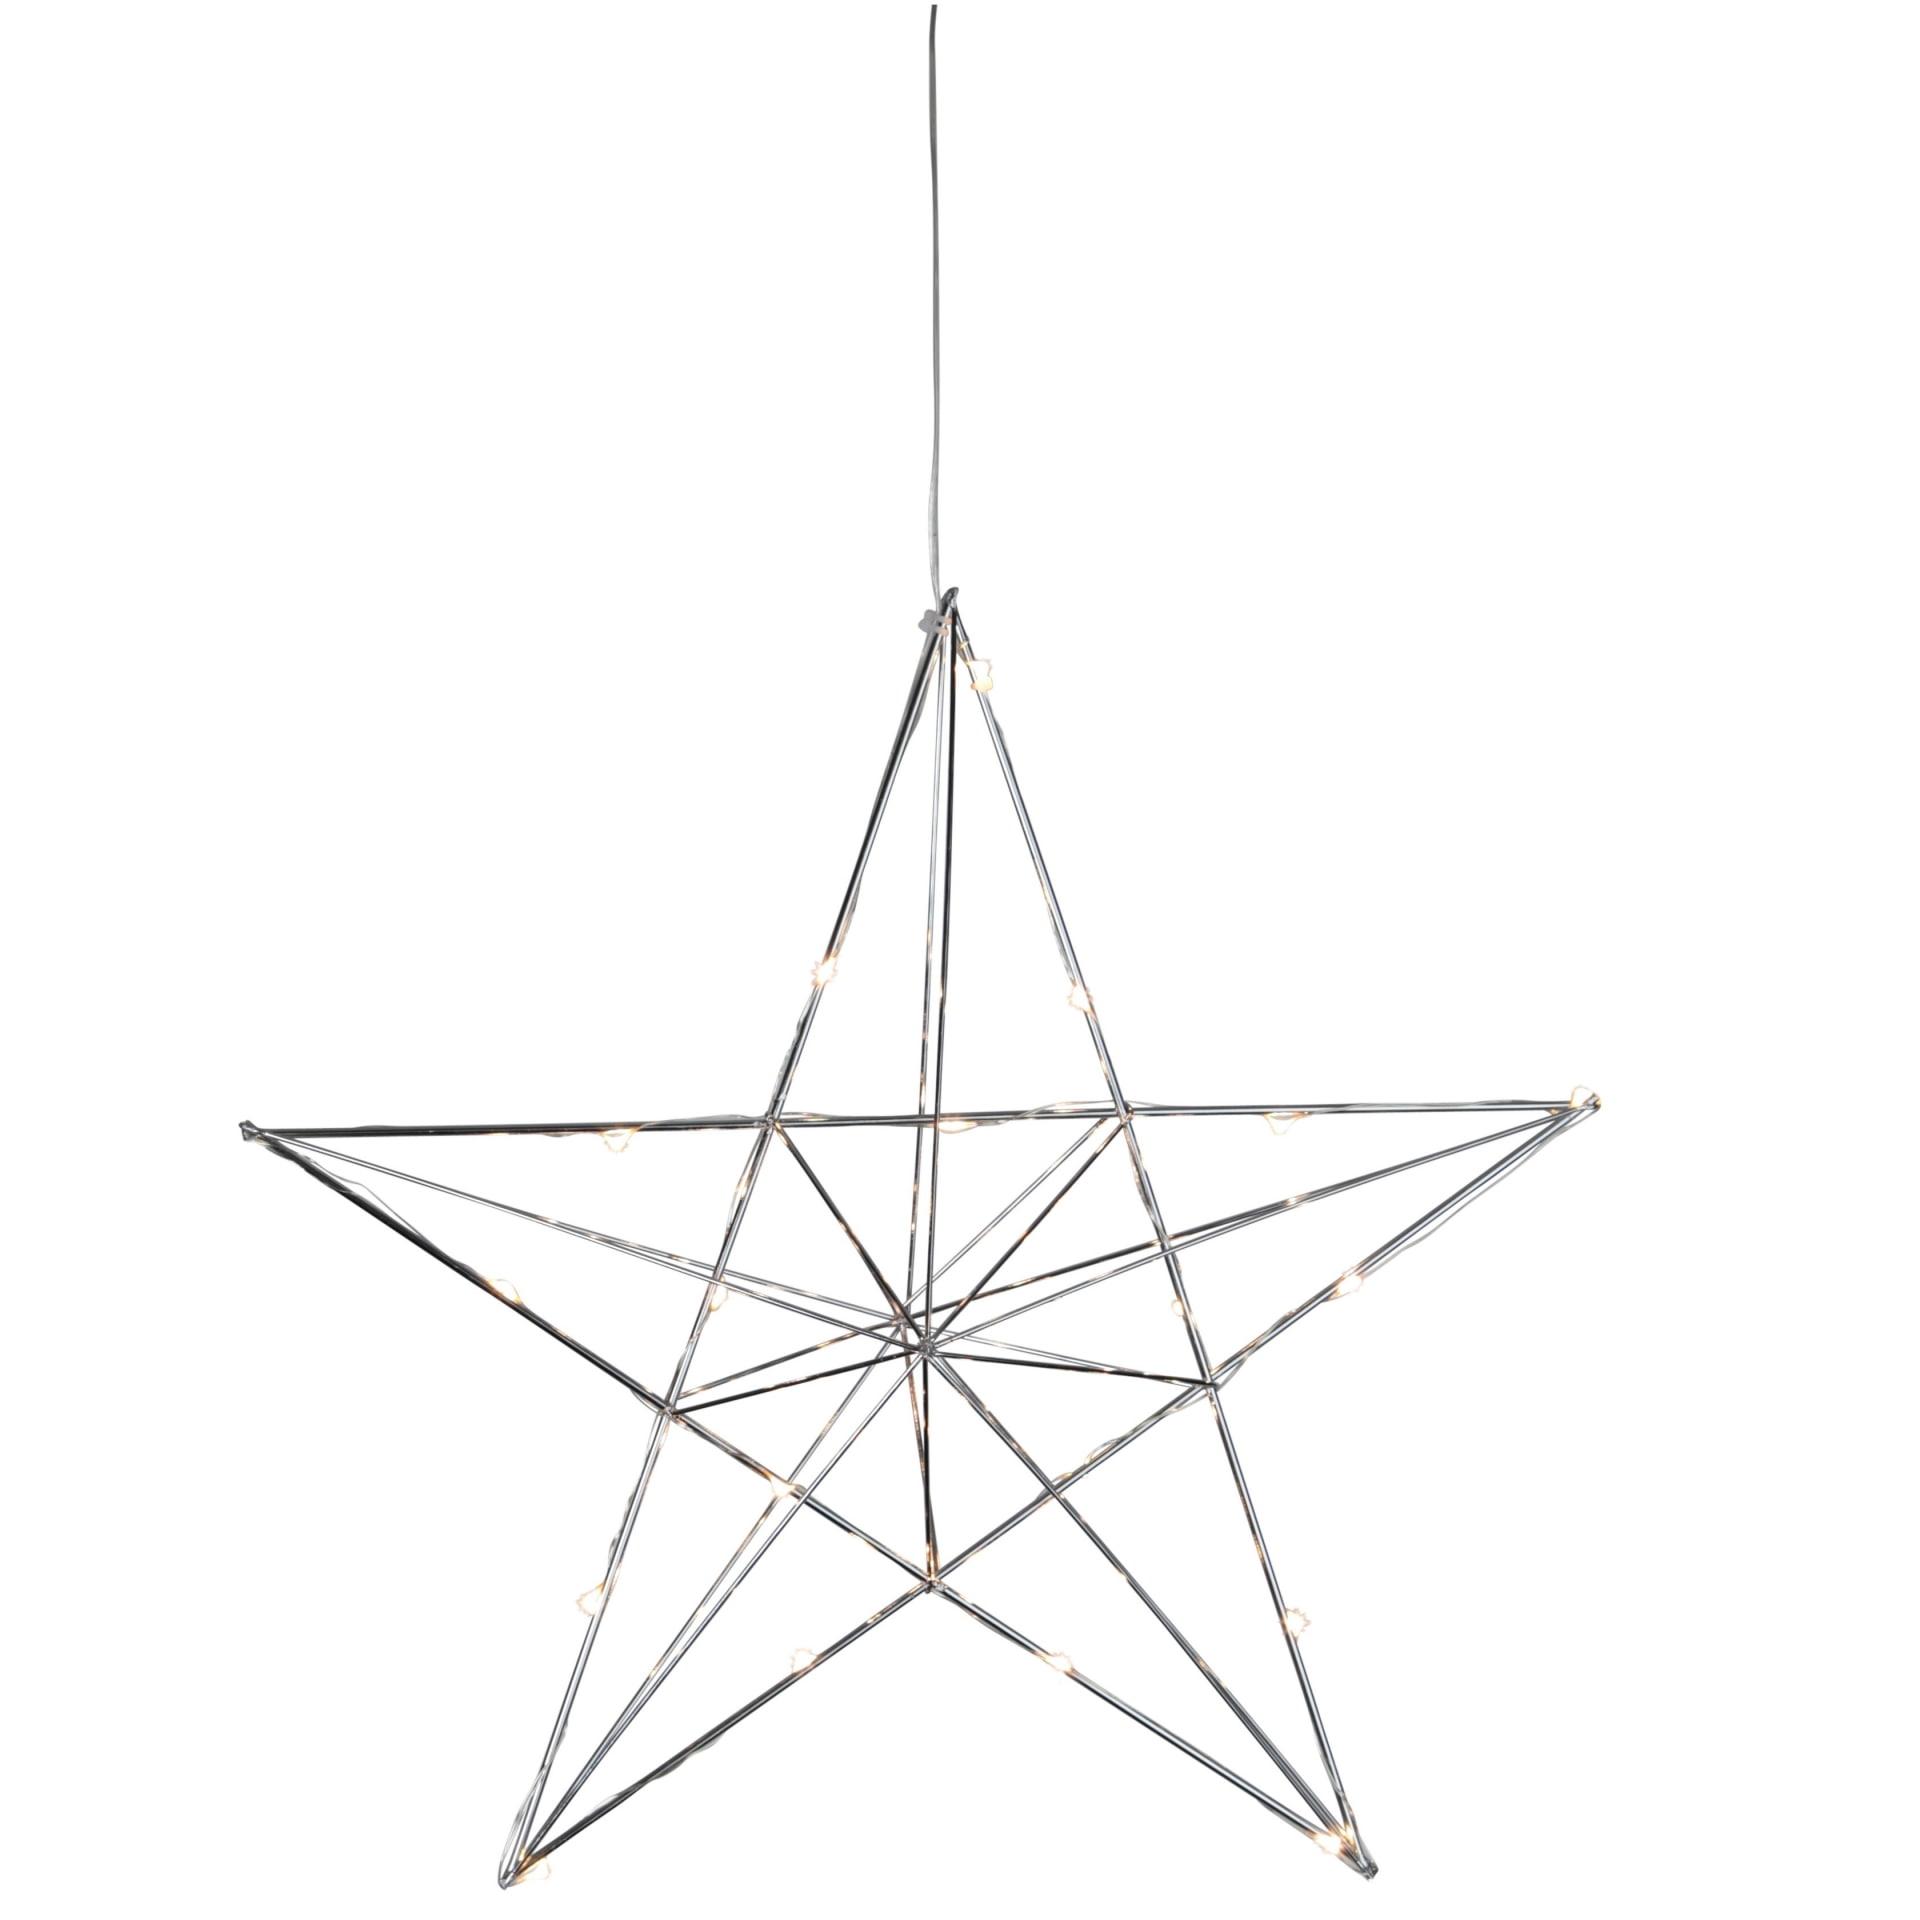 STAR TRADING Kovová svítící hvězda Line Chrome, stříbrná barva, kov